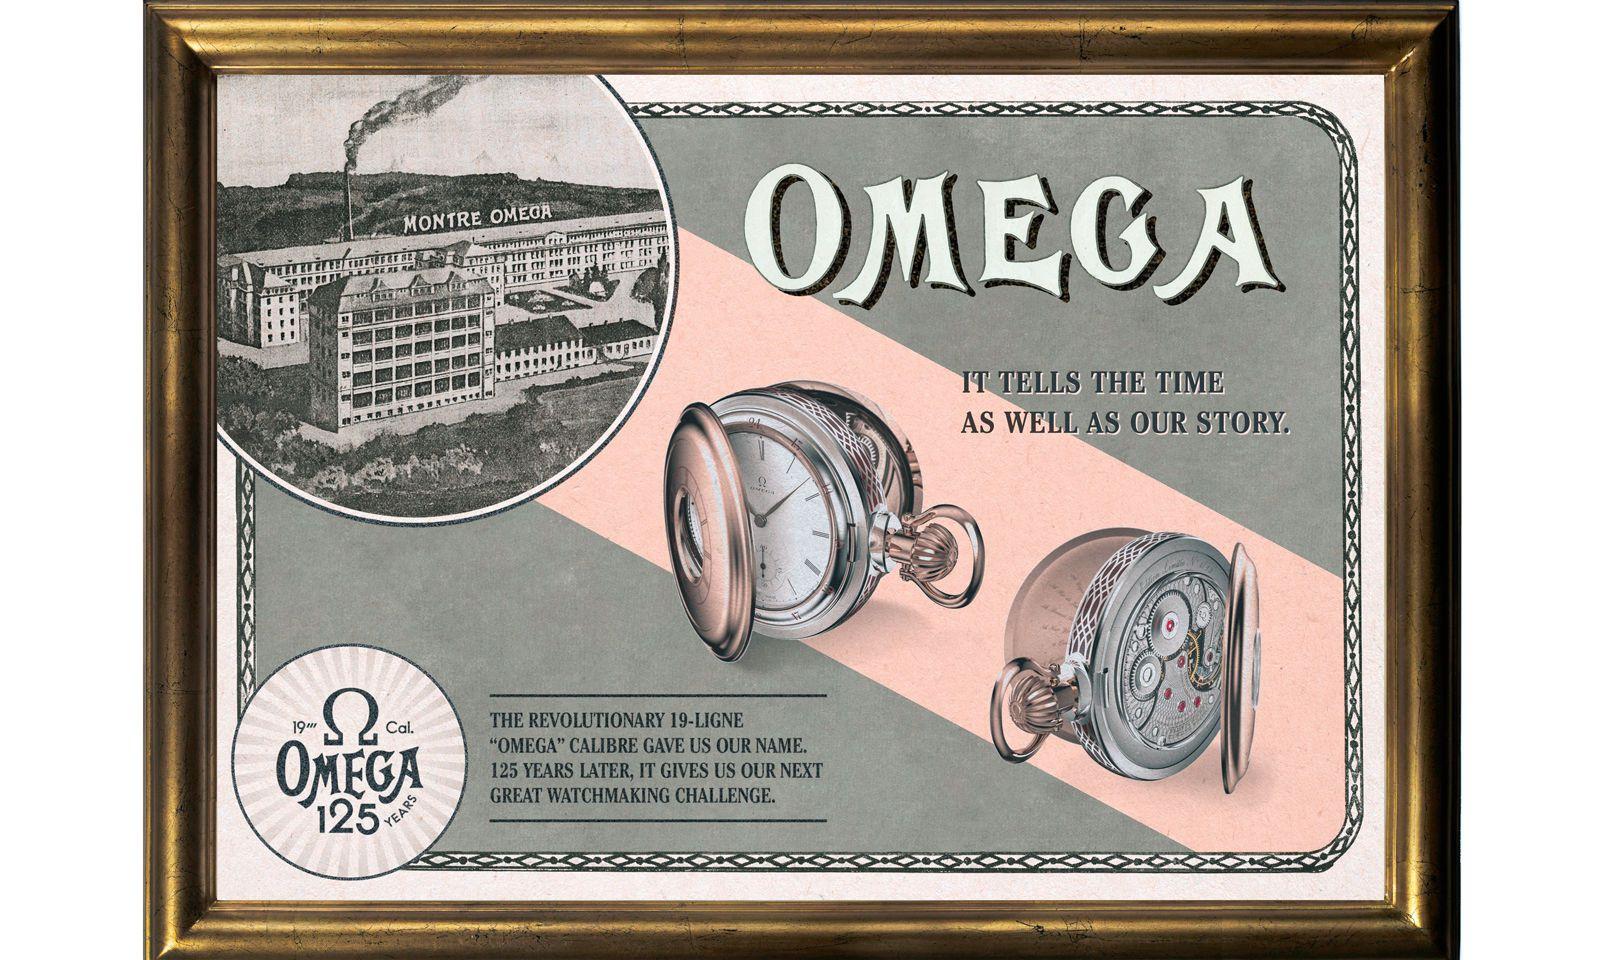 Exklusiv: Die Taschenuhren mit dem 19-Linien-Omega-Kaliber sind auf lediglich 19 Stück beschränkt.